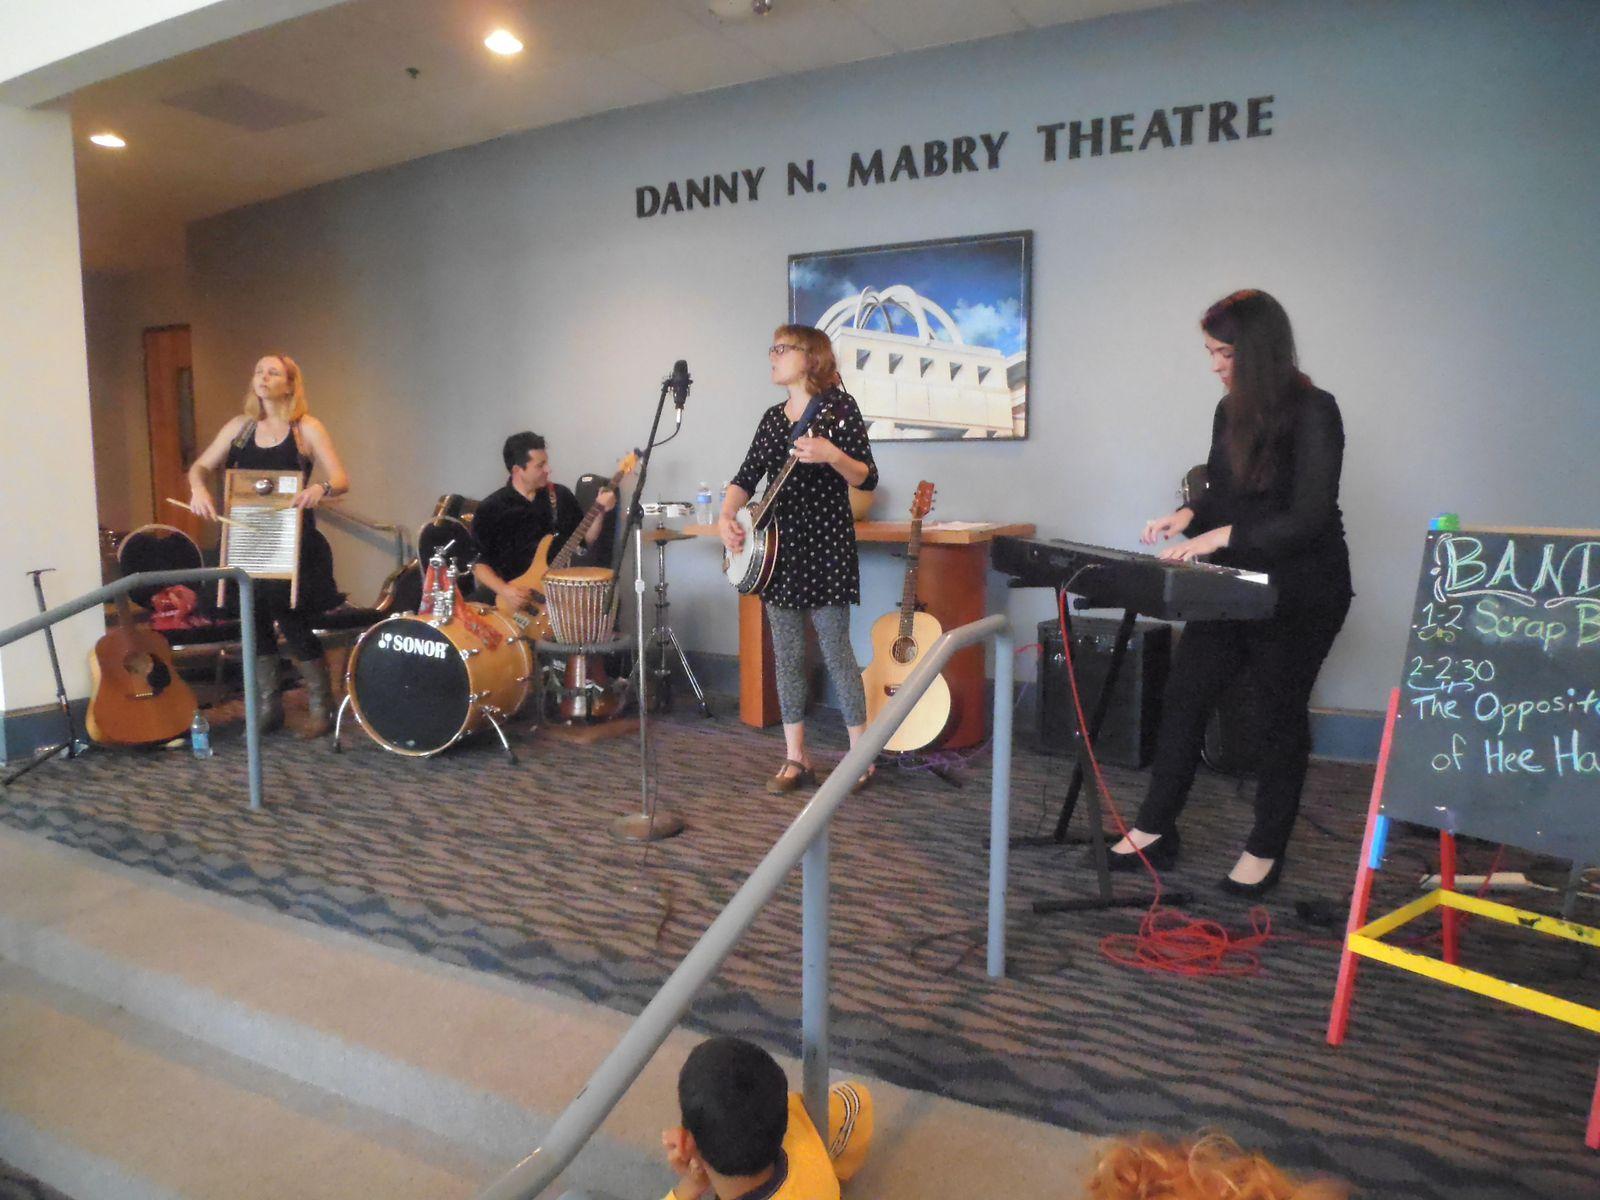 Les musiciens de Opposite of Hi Haw et de Scrapband apportaient leur concours.